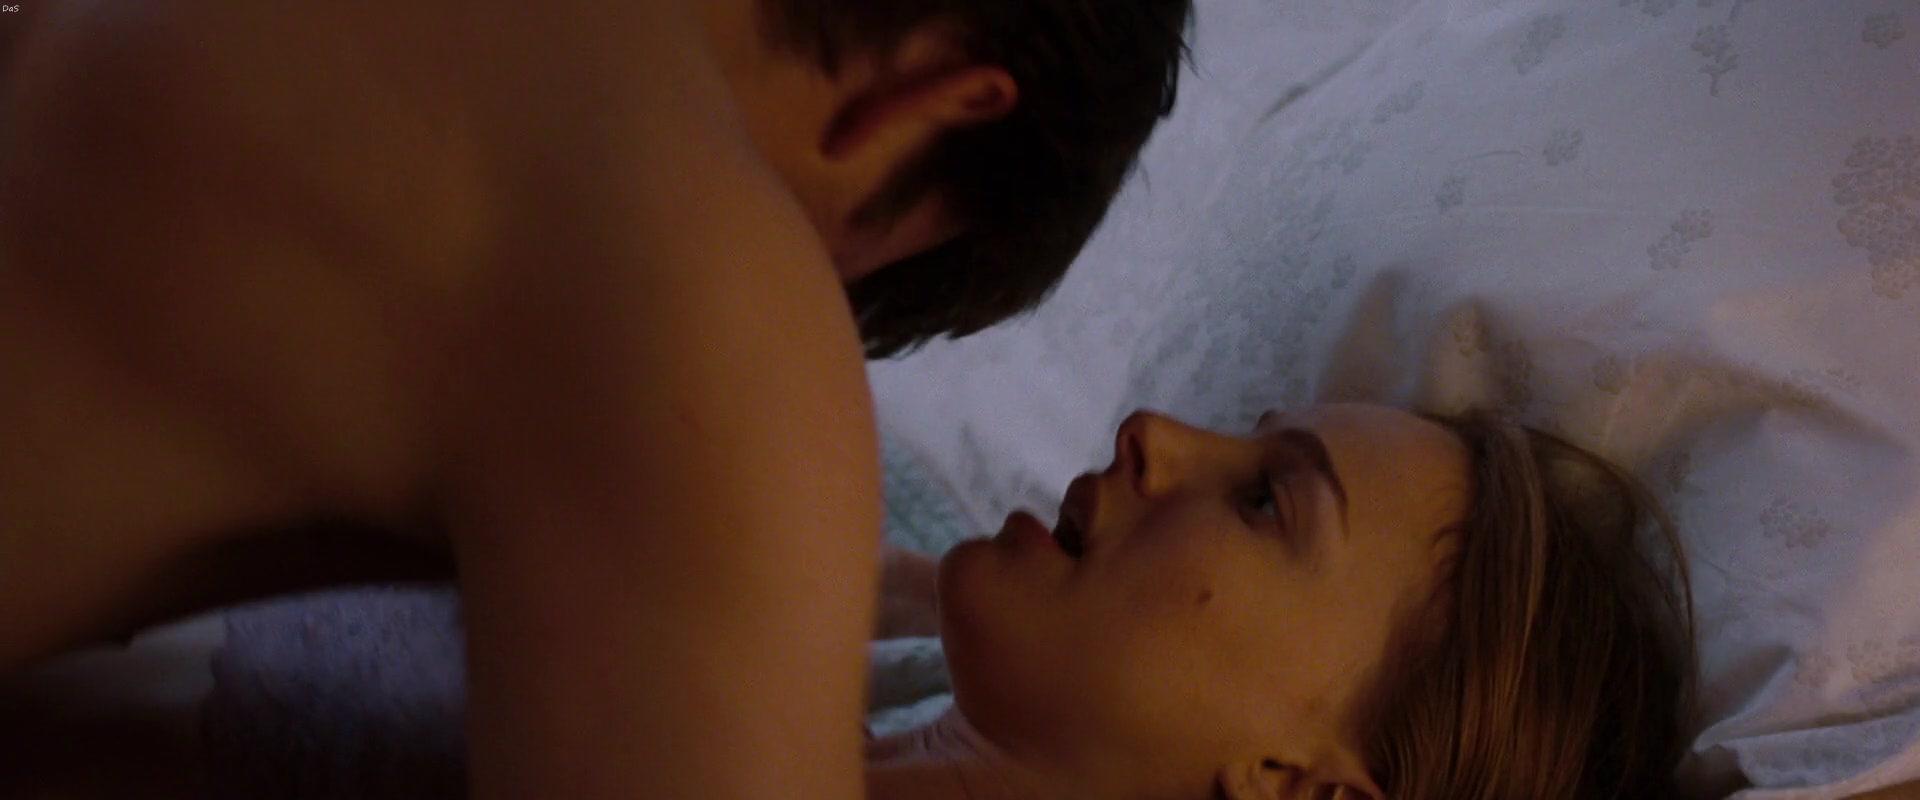 Чем секс 3gp фильм больше